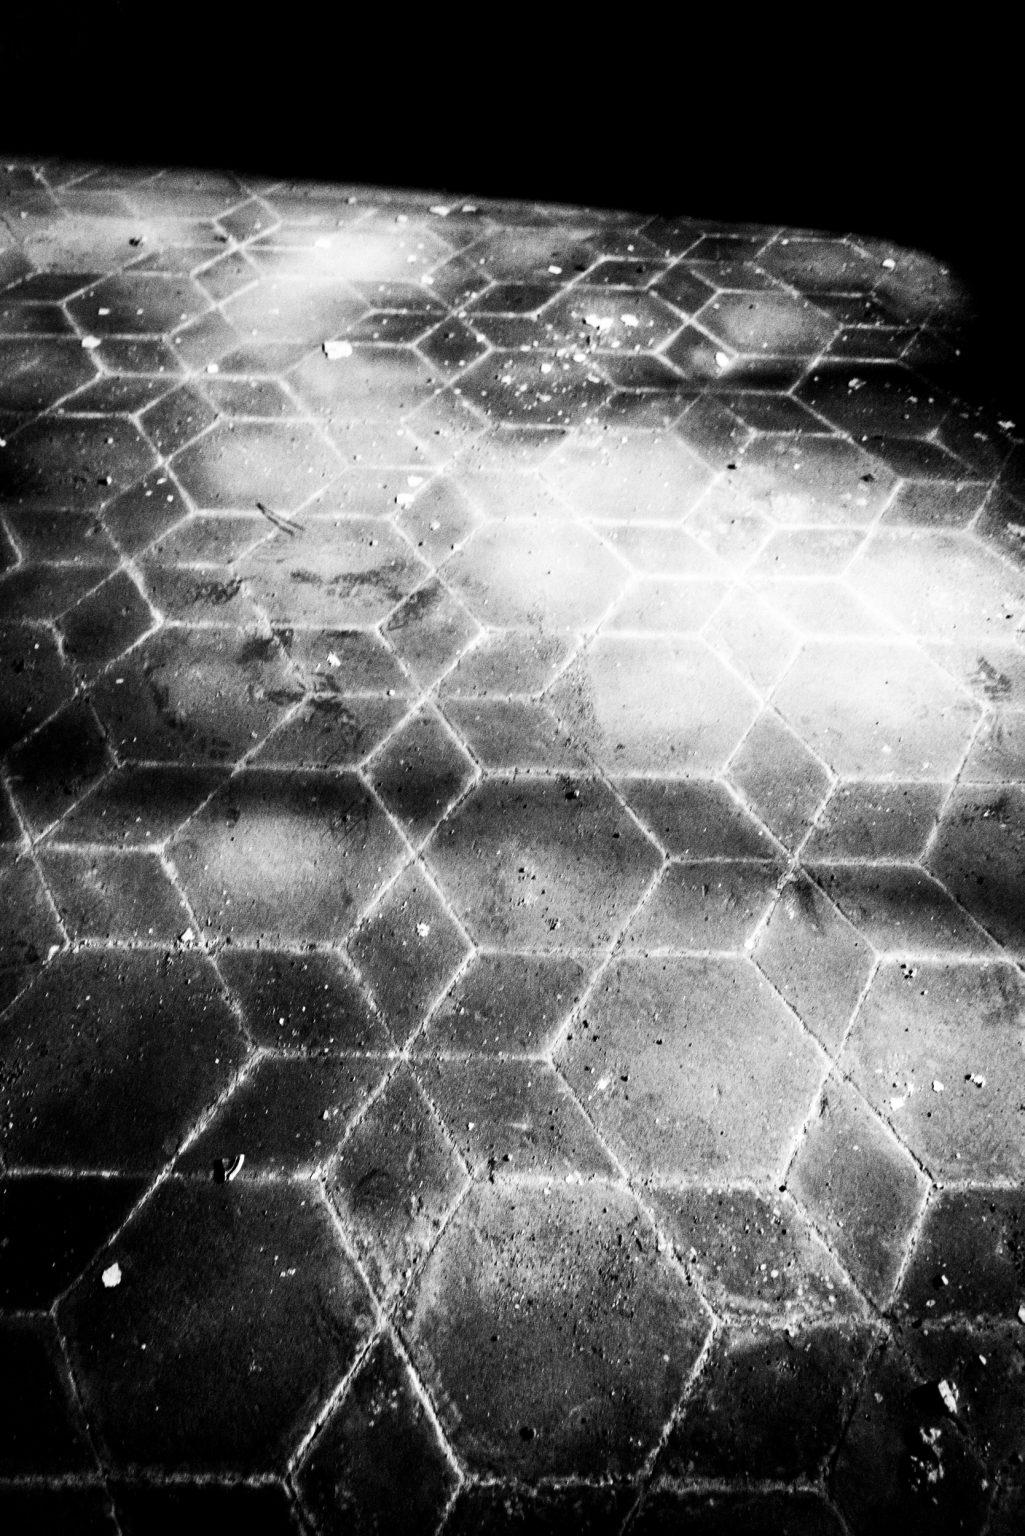 """Rome, 2014 """"Rome Diary"""" ( Rome 2007-2020)  is a long-term research that documents the city of Rome through stories of places and people. An investigation into different worlds, in a society where relationships, loneliness, abuse, love, nightlife, music and artists are explored, and finally the relationship between people and cities. A floor inside an abandoned building, Rome. >< Rome, 2014 -Rome Diary Rome (2007-2020) è una ricerca a lungo termine che documenta la città di Roma attraverso storie di luoghi e  di persone. Un'indagine in mondi diversi, in una società in cui si esplorano le relazioni, la solitudine, gli abusi, l'amore, la vita notturna , la musica e gli artisti, ed infine il rapporto tra persone e città. Un  pavimento all'interno di un palazzo abbandonato ."""